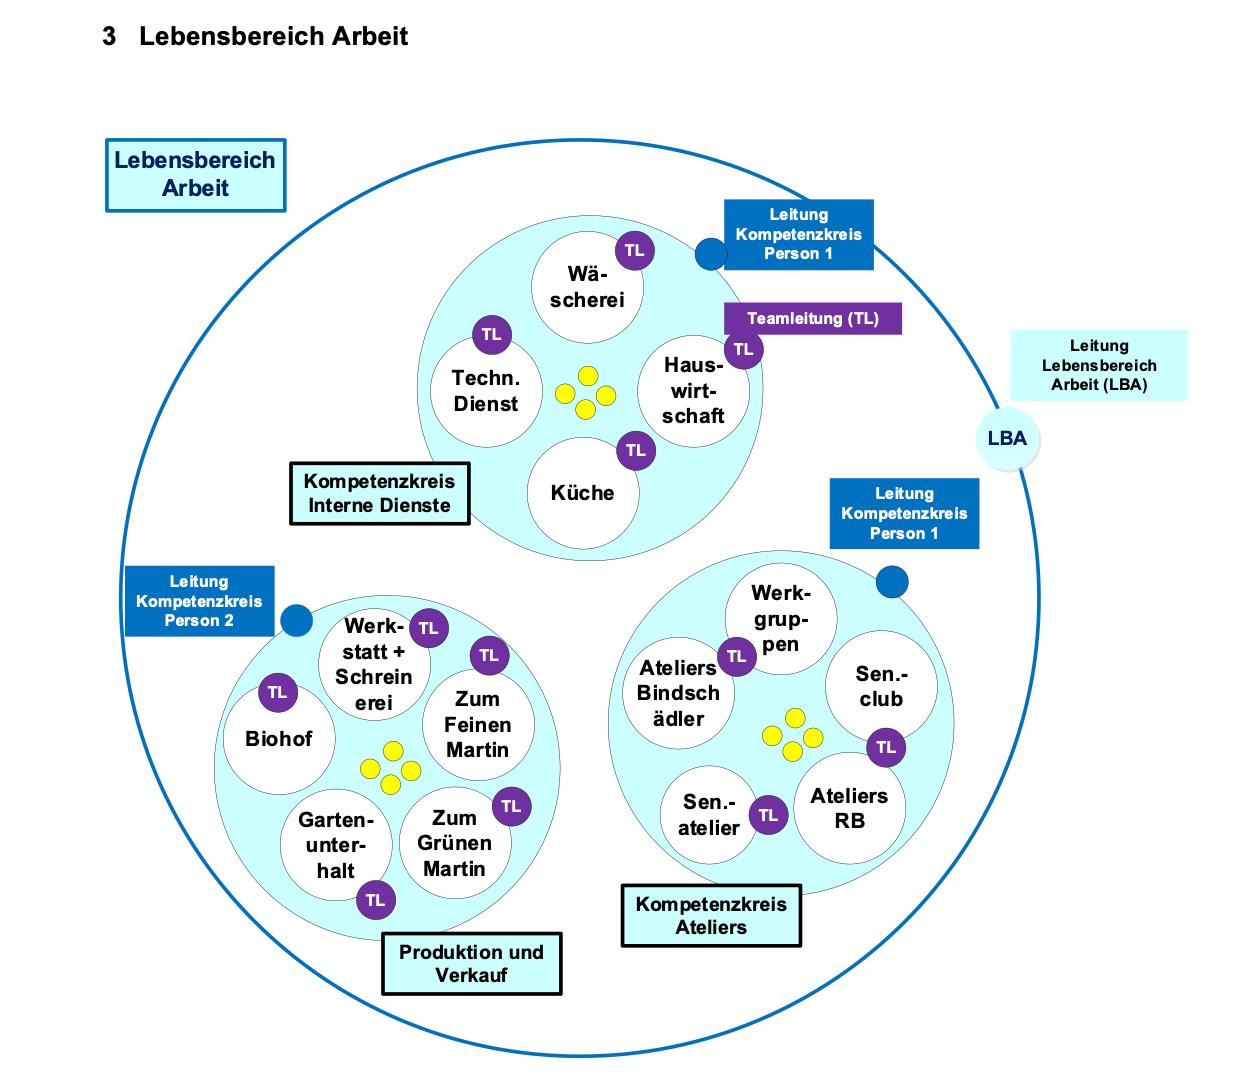 Organisationsmodell für den Lebensbereich Arbeit